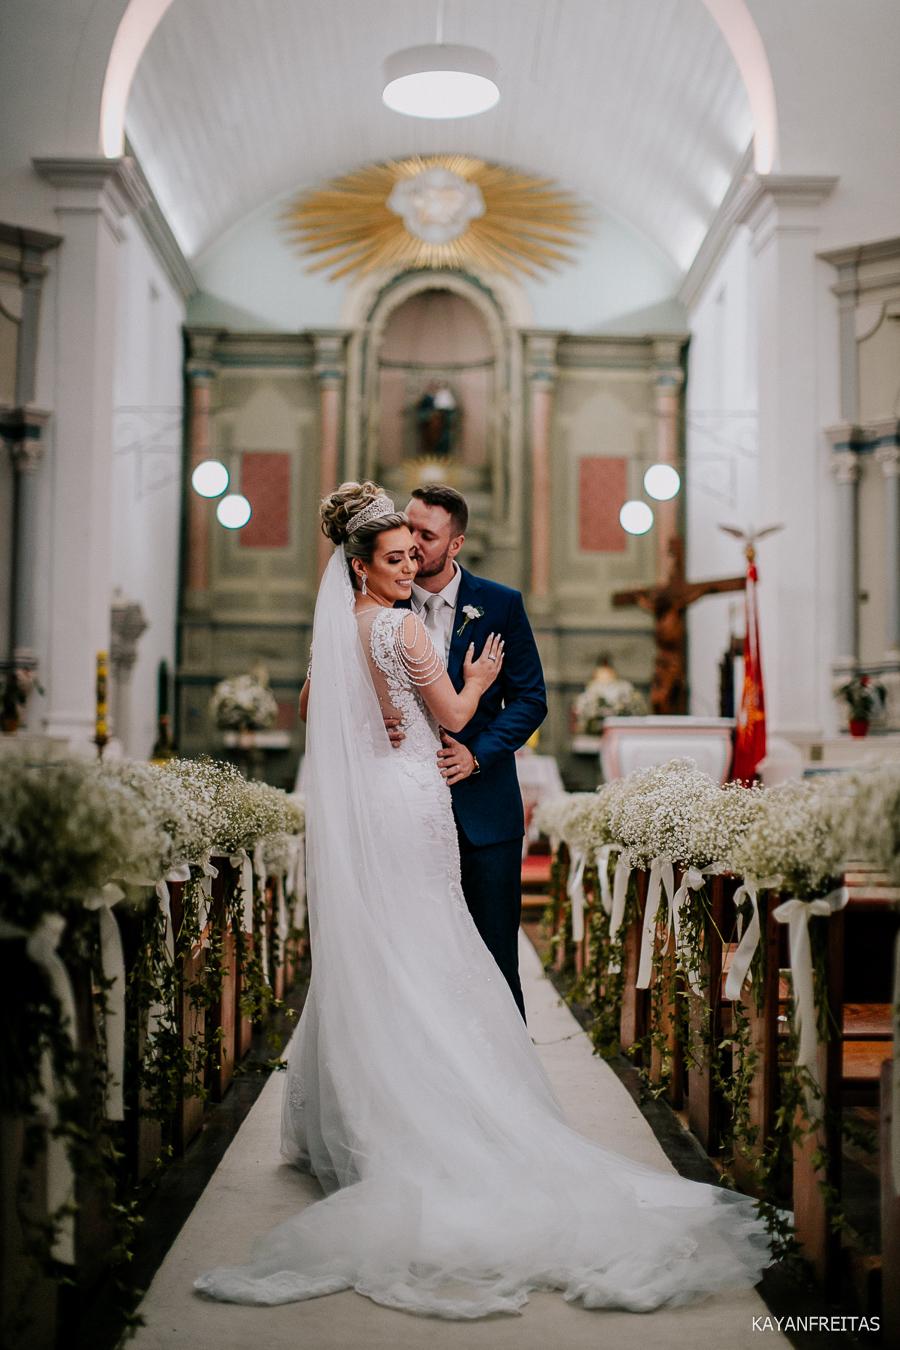 casamento-condominio-koerich-0090 Casamento Giani e Felipe - Condomínio Koerich